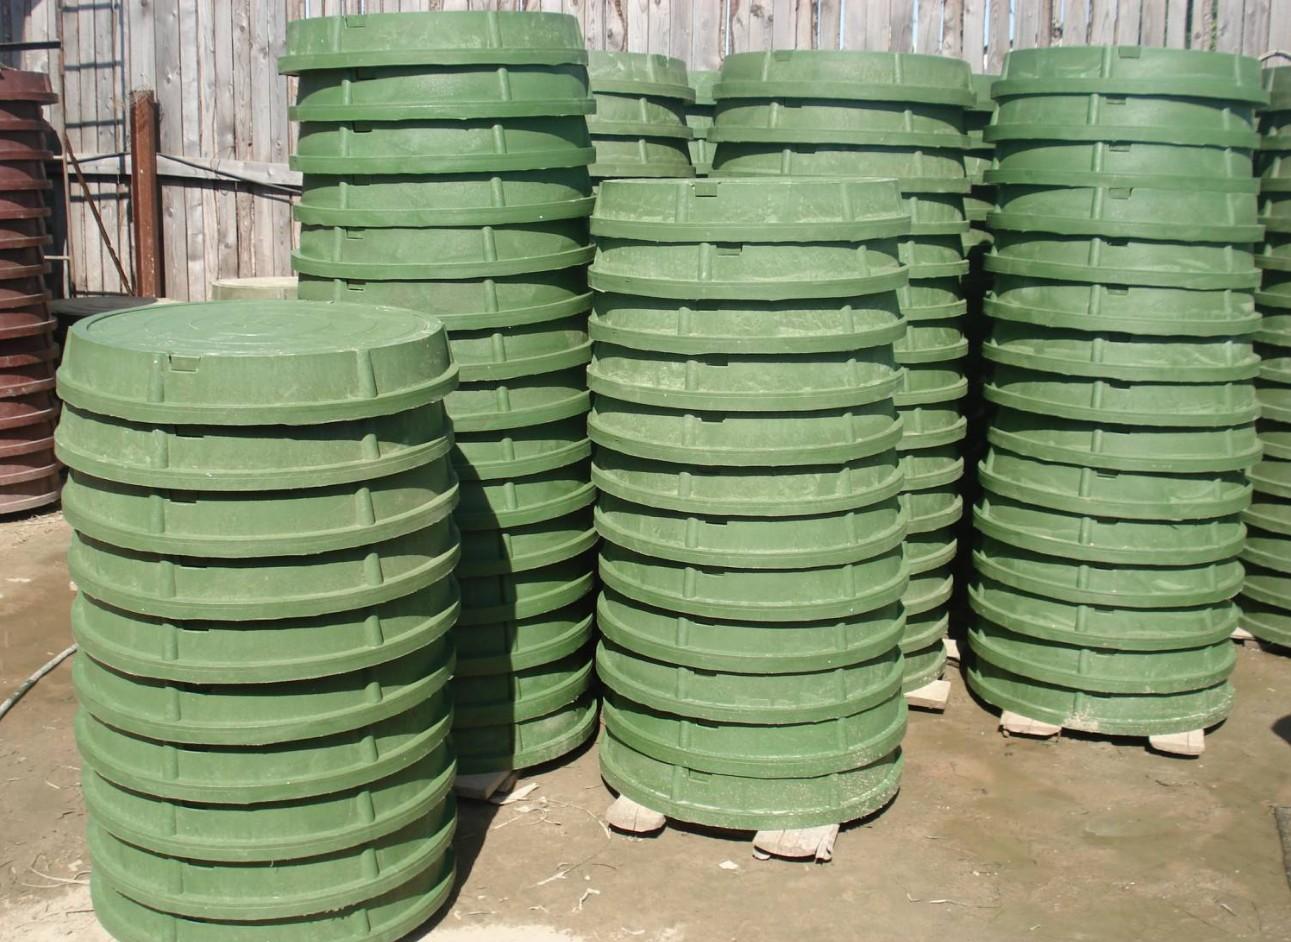 бизнес-идея производства канализационных люков